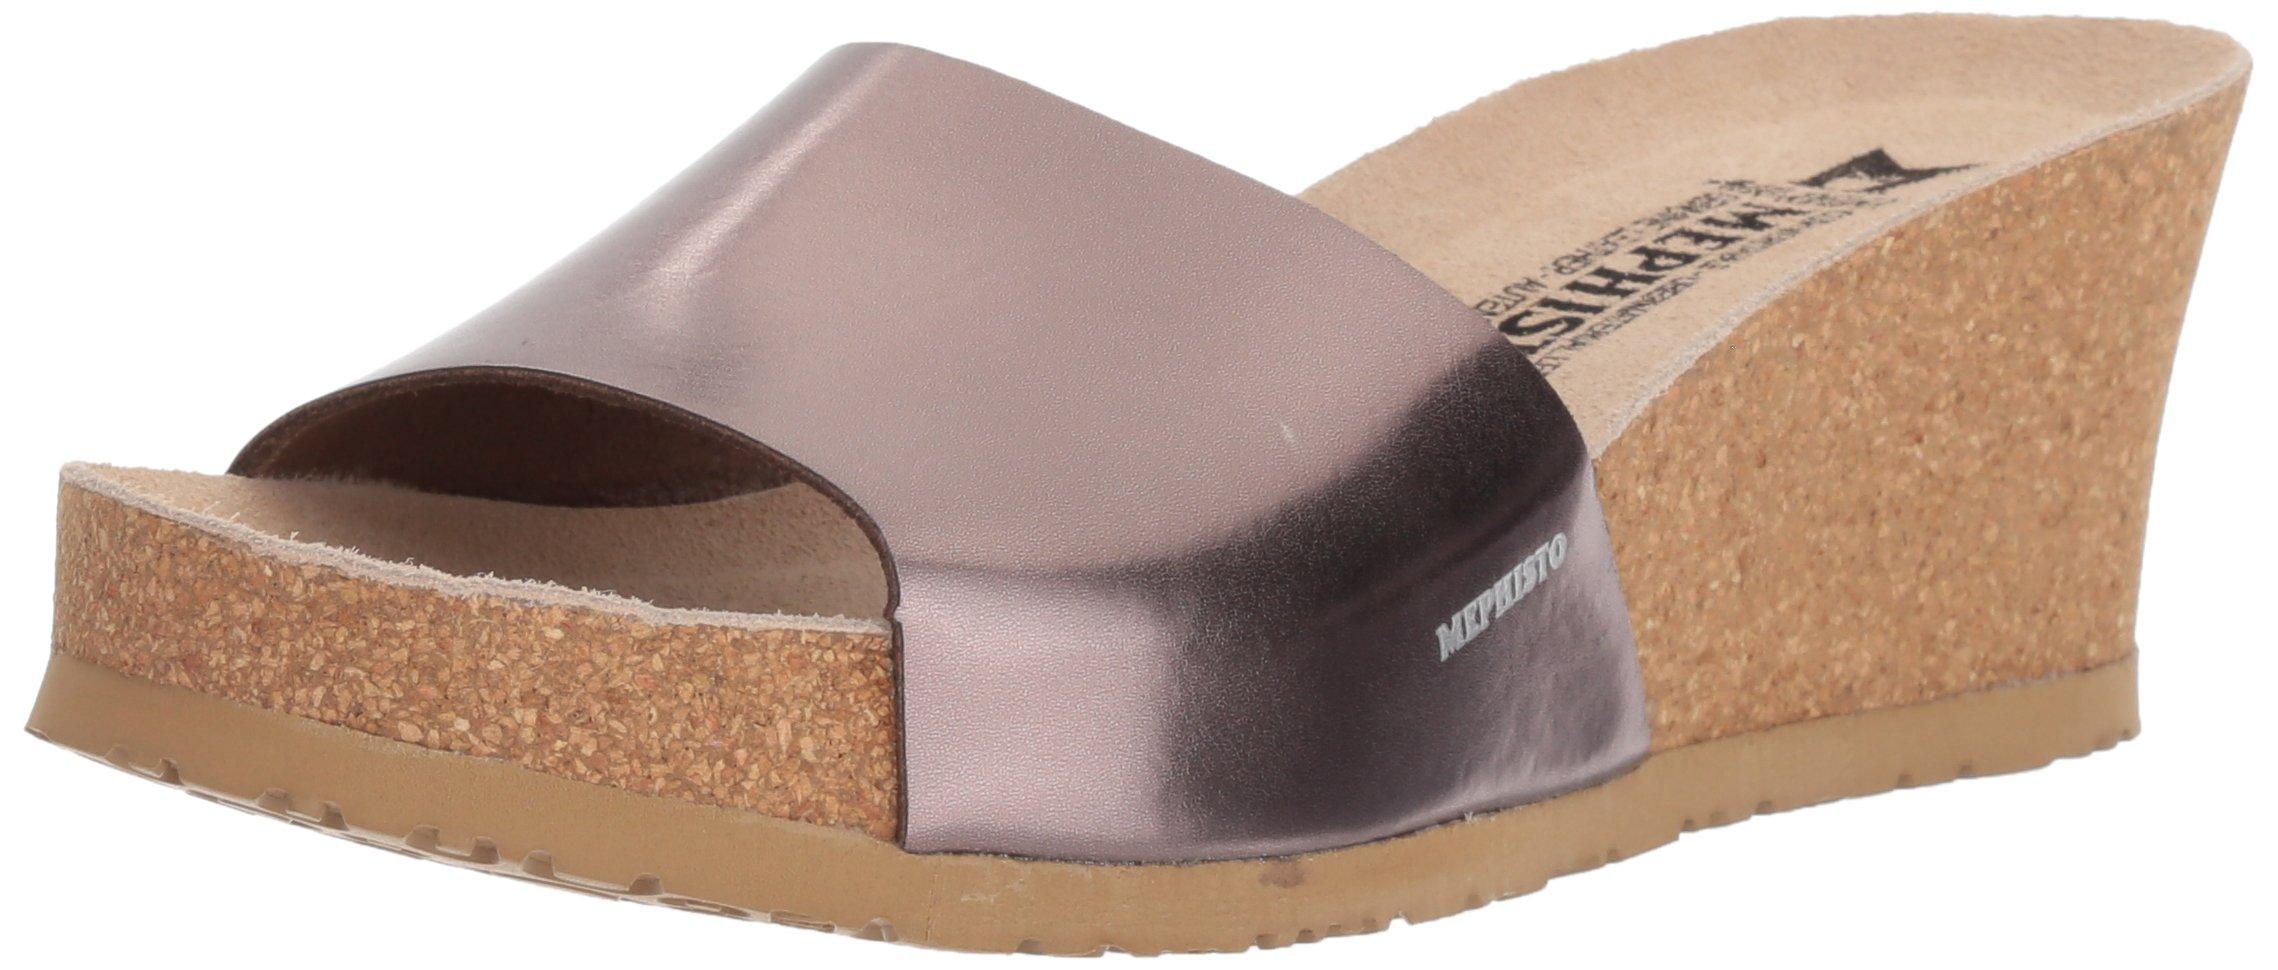 Mephisto Women's LISE Slide Sandal, Bronze, 7 M US